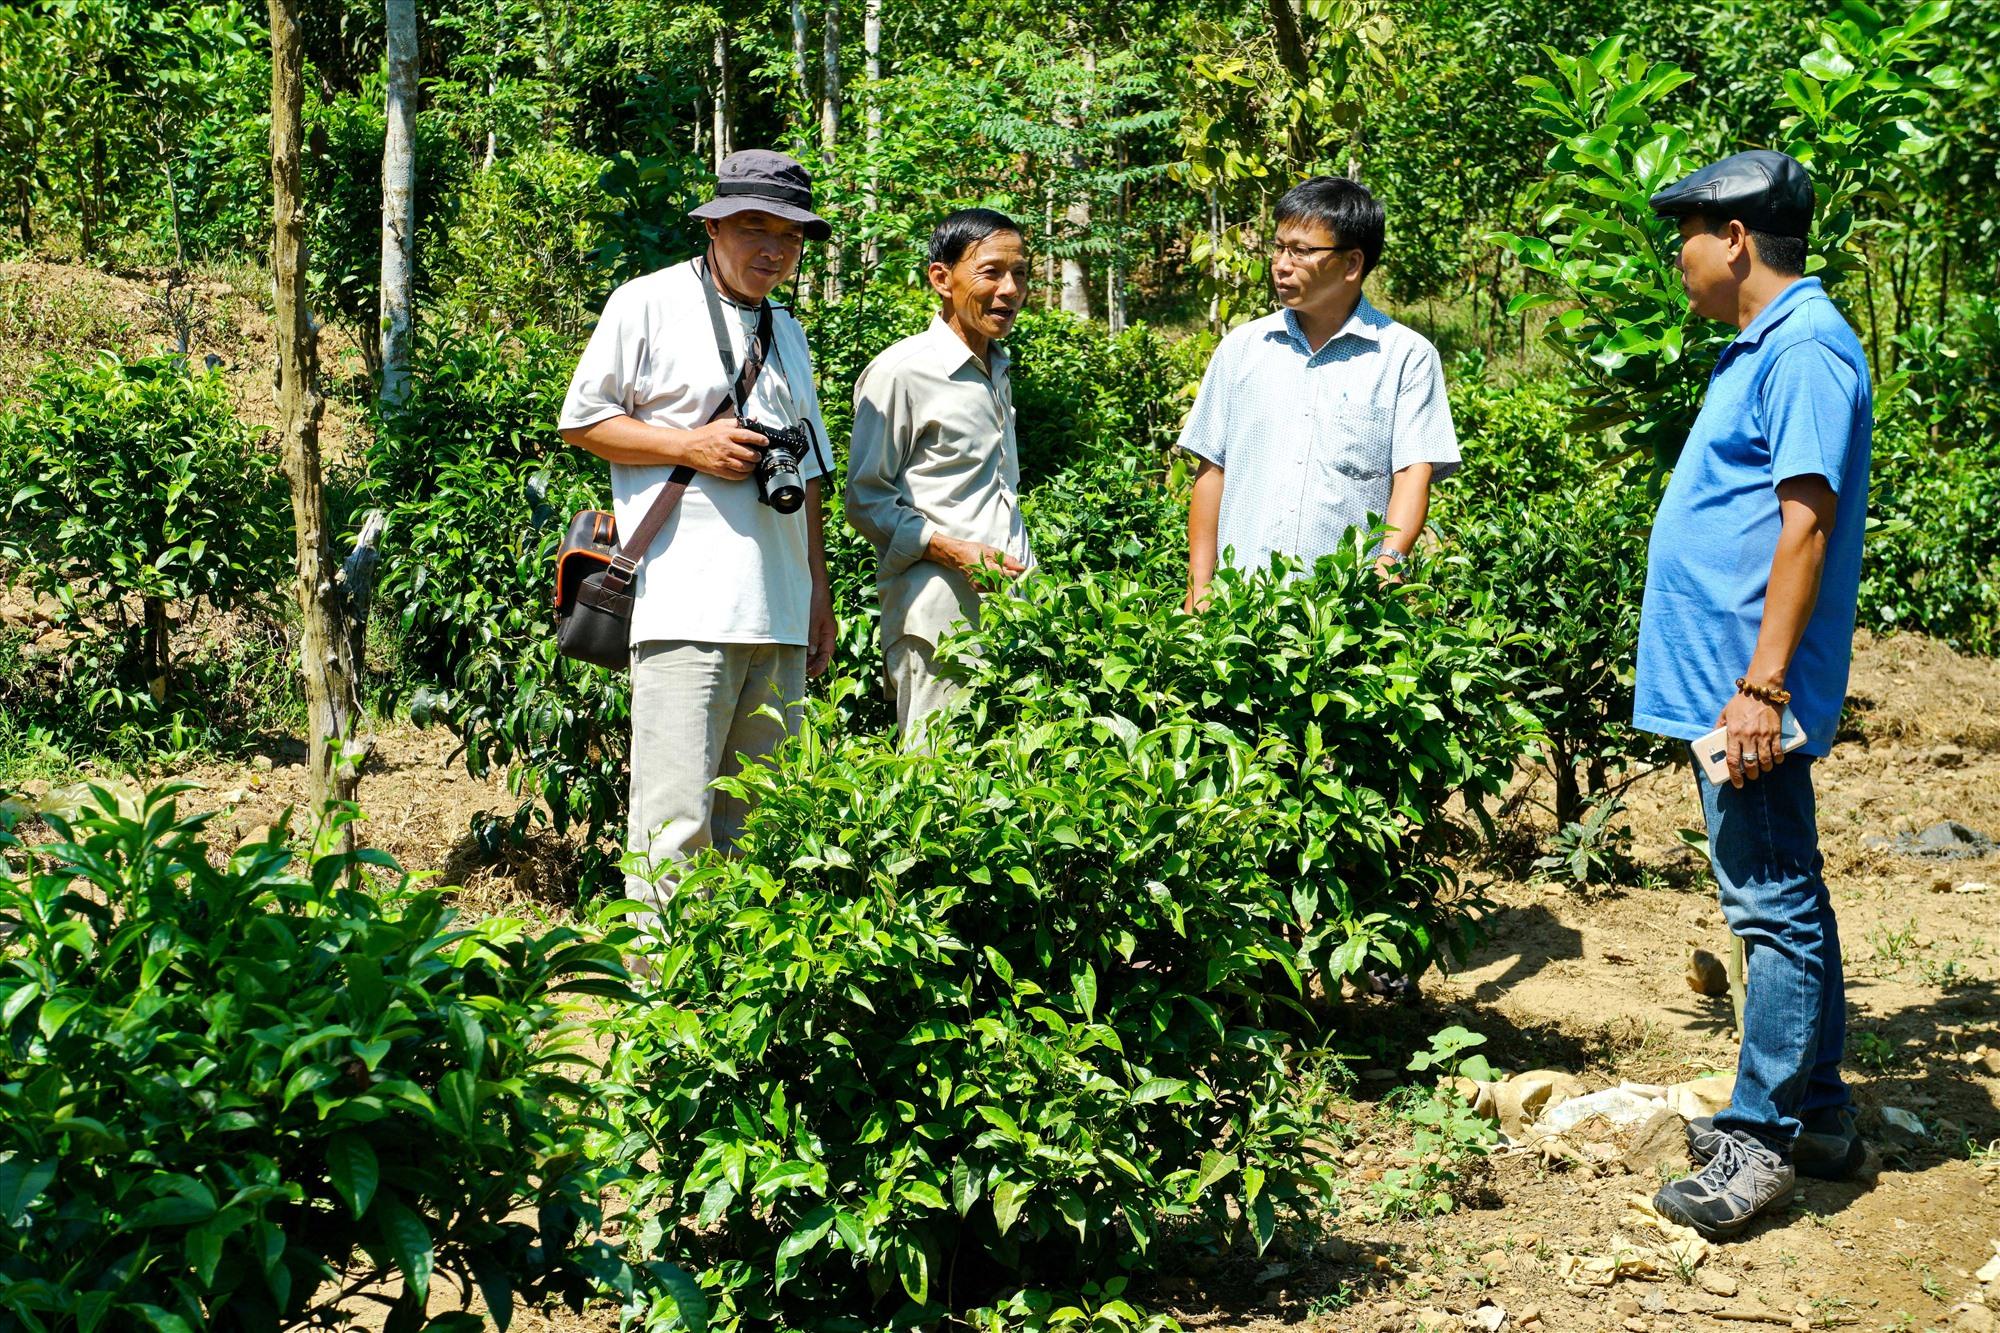 Ông Nguyễn Văn Hùng (người đứng thứ 2 từ trái sang) giới thiệu với khách tham quan về cây chè bản địa. Ảnh: NGUYỄN ĐIỆN NGỌC